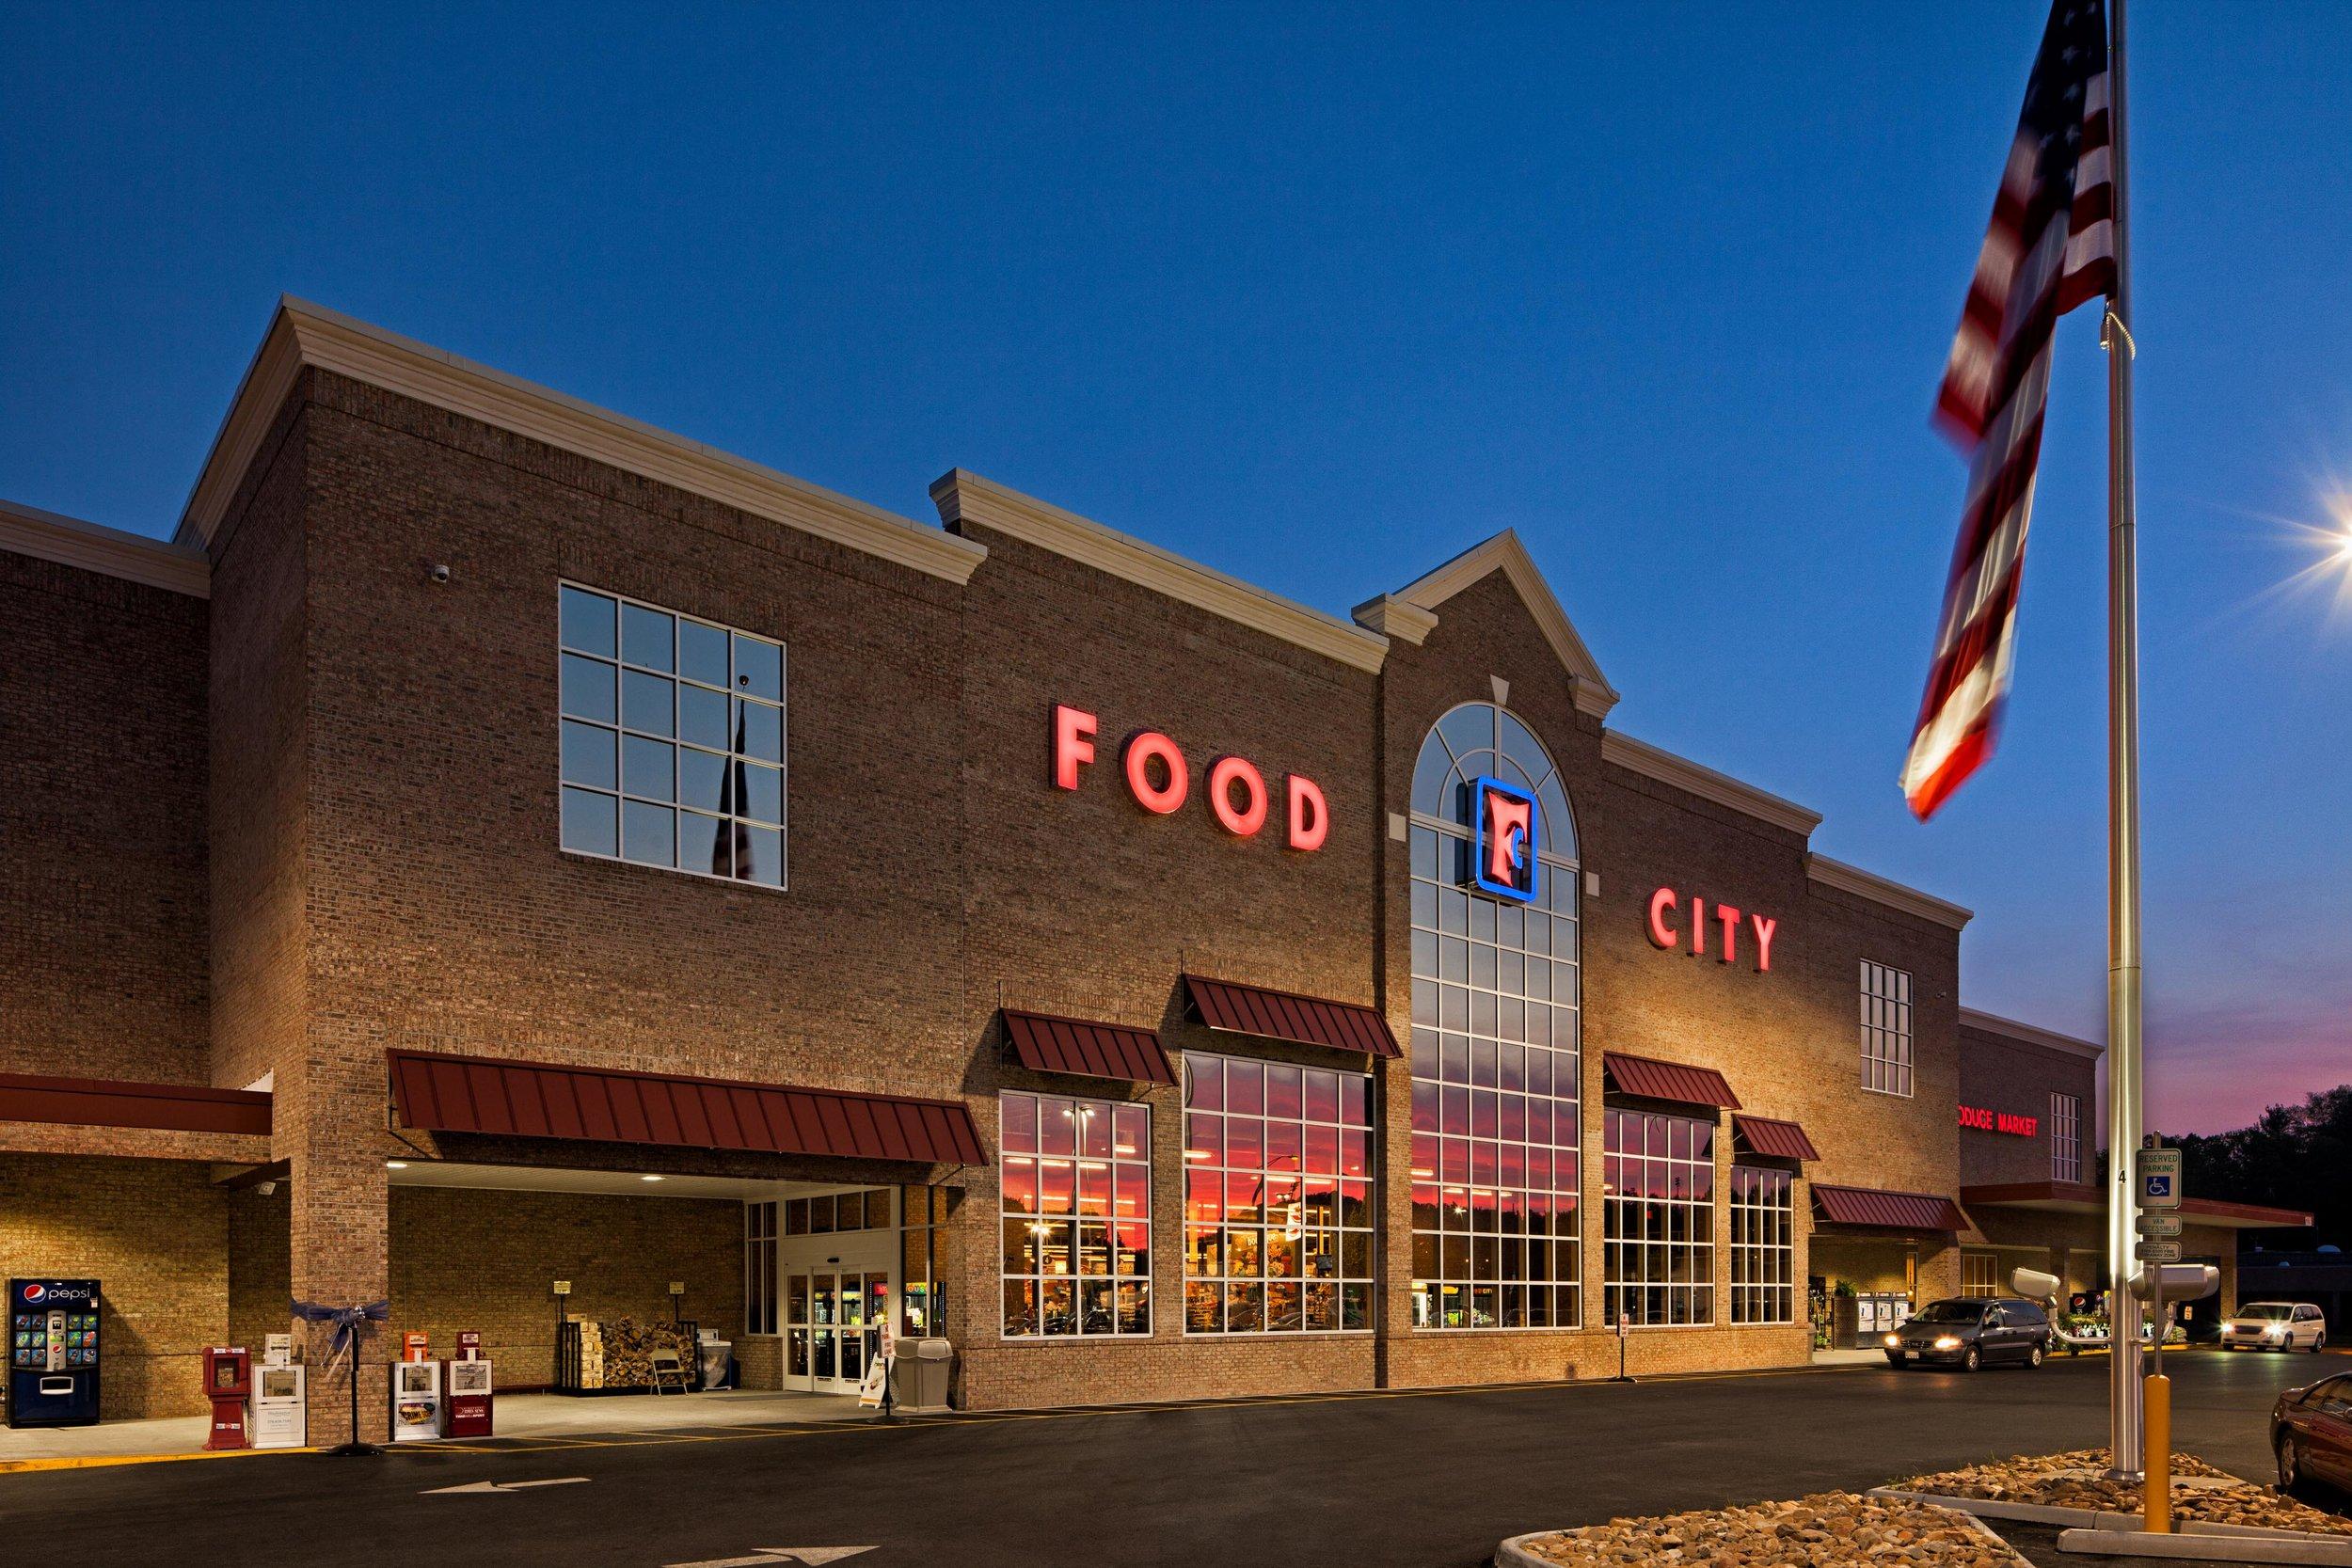 Food City Twilight